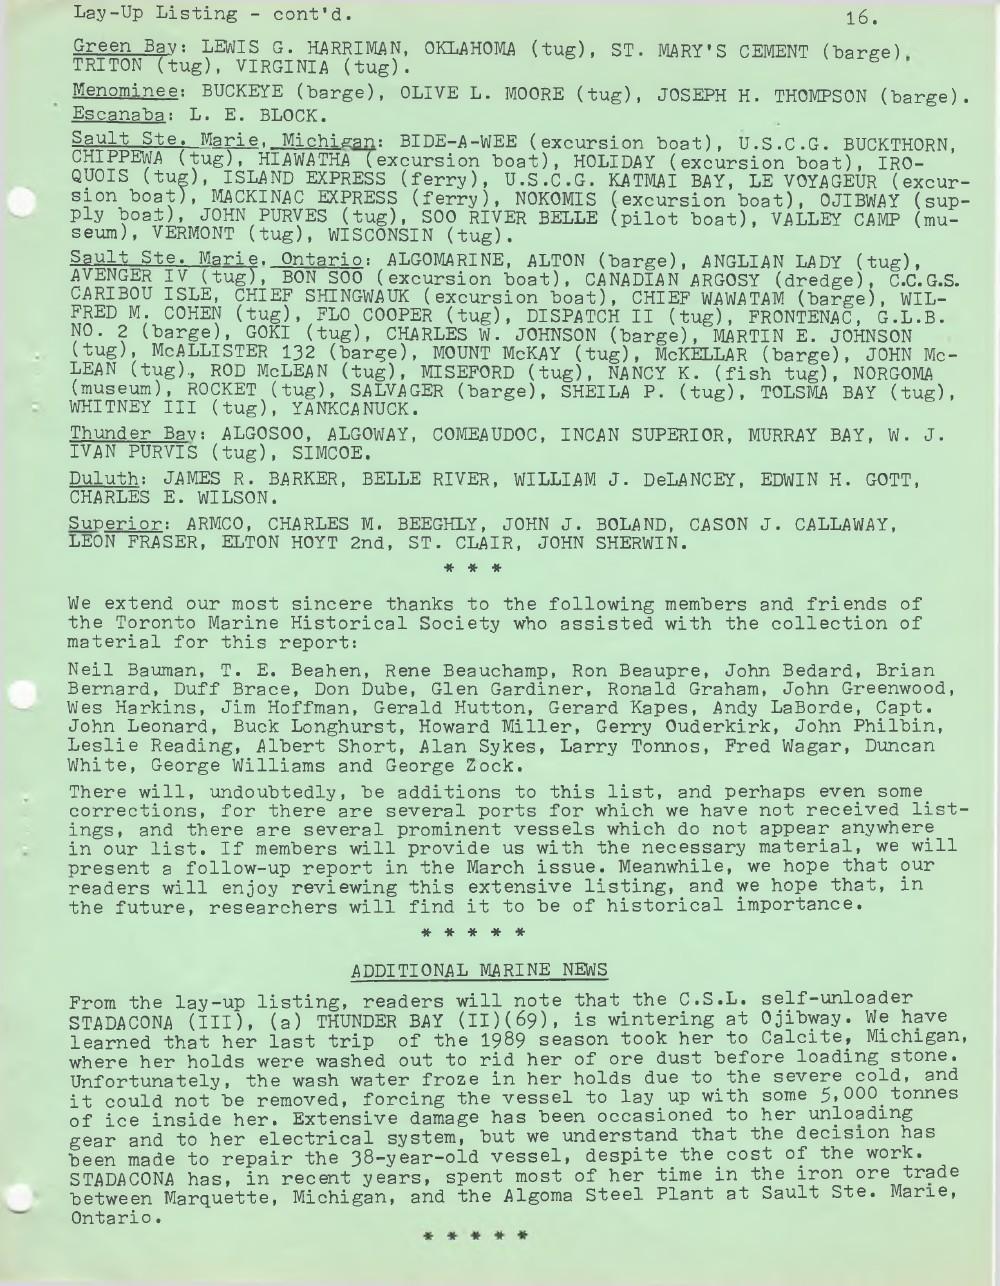 Scanner, v. 22, no. 5 (February 1990)